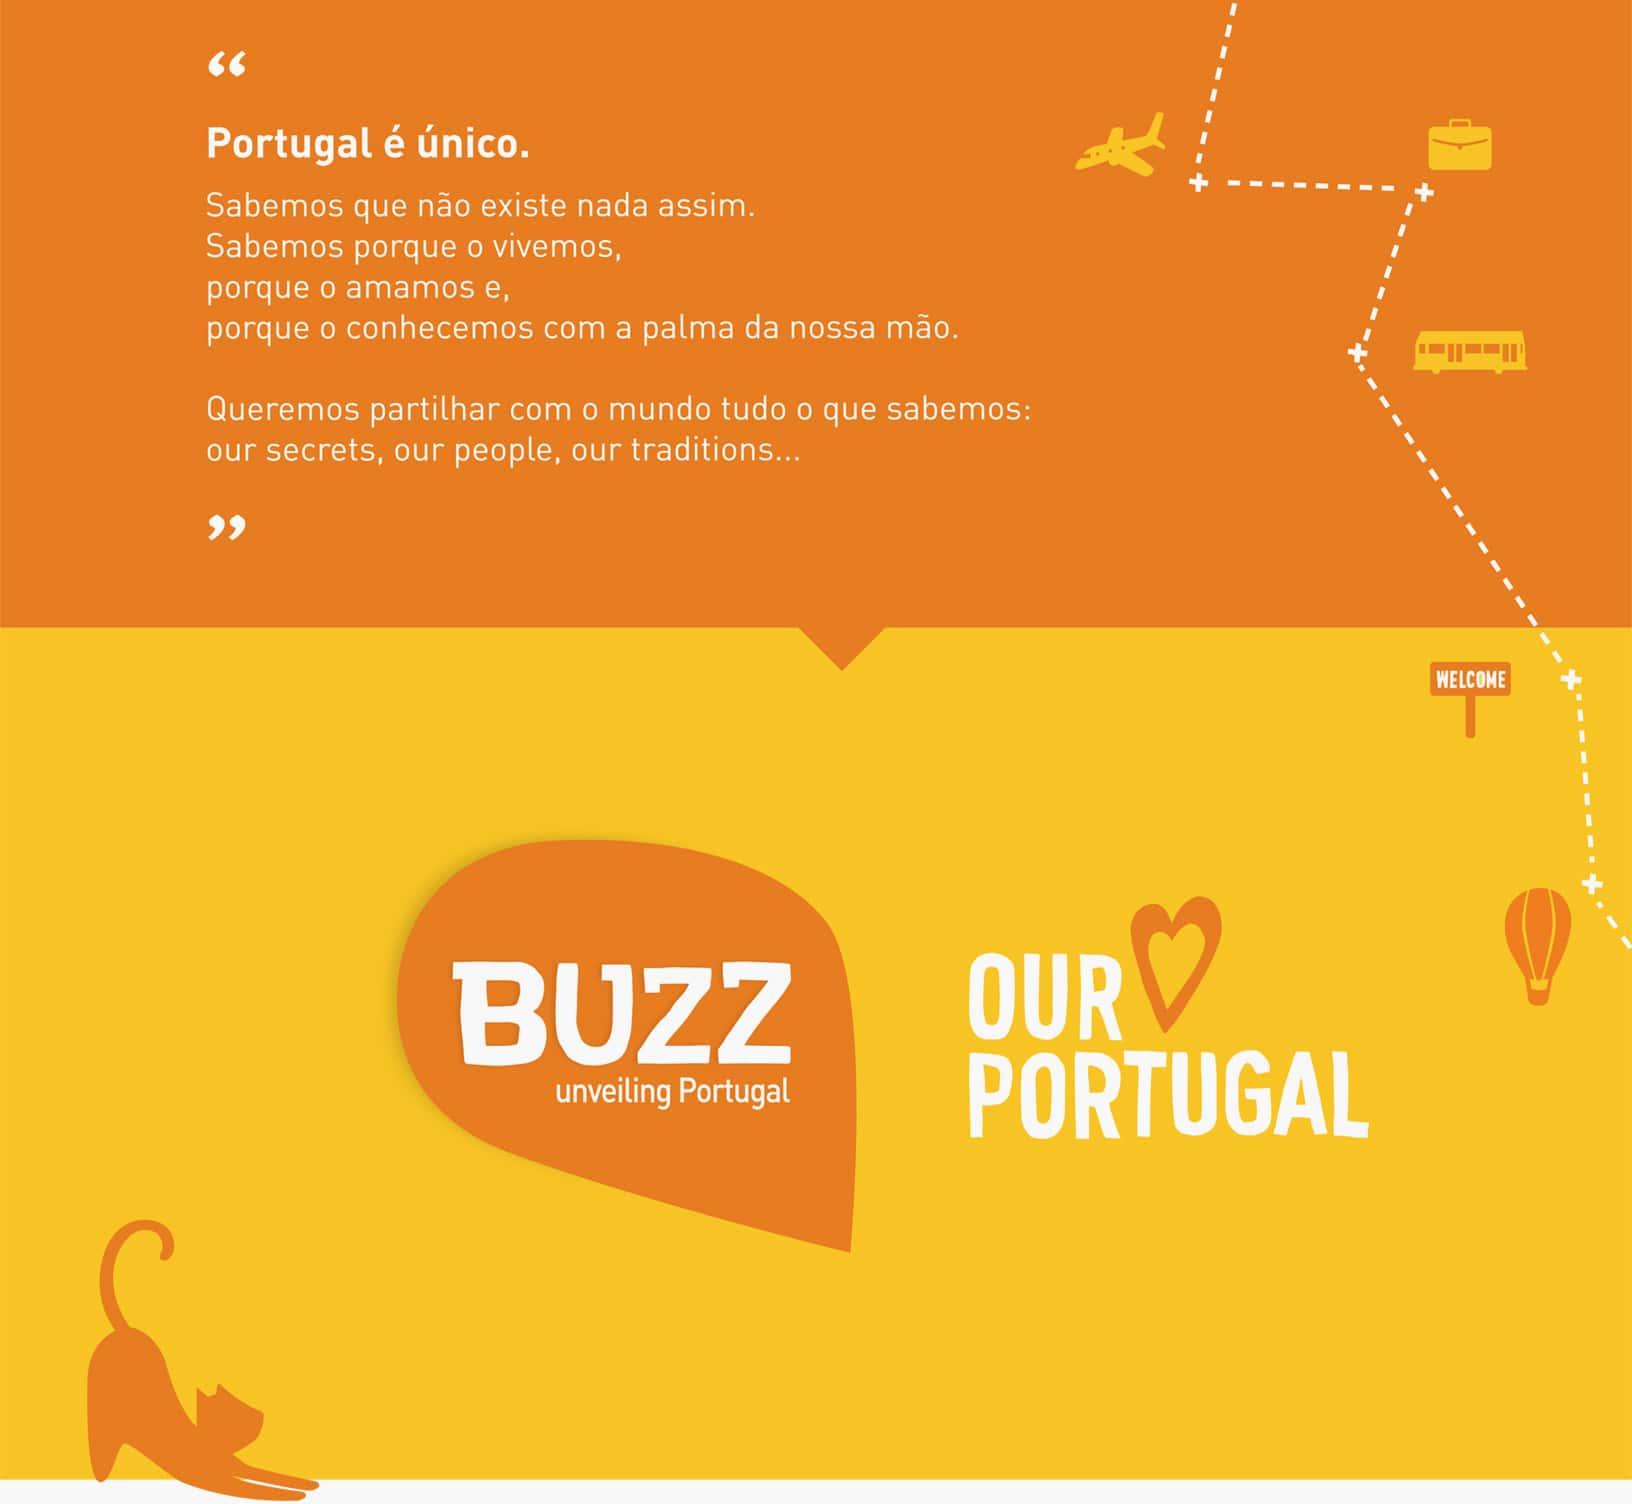 projeto de branding para a marca Buzz